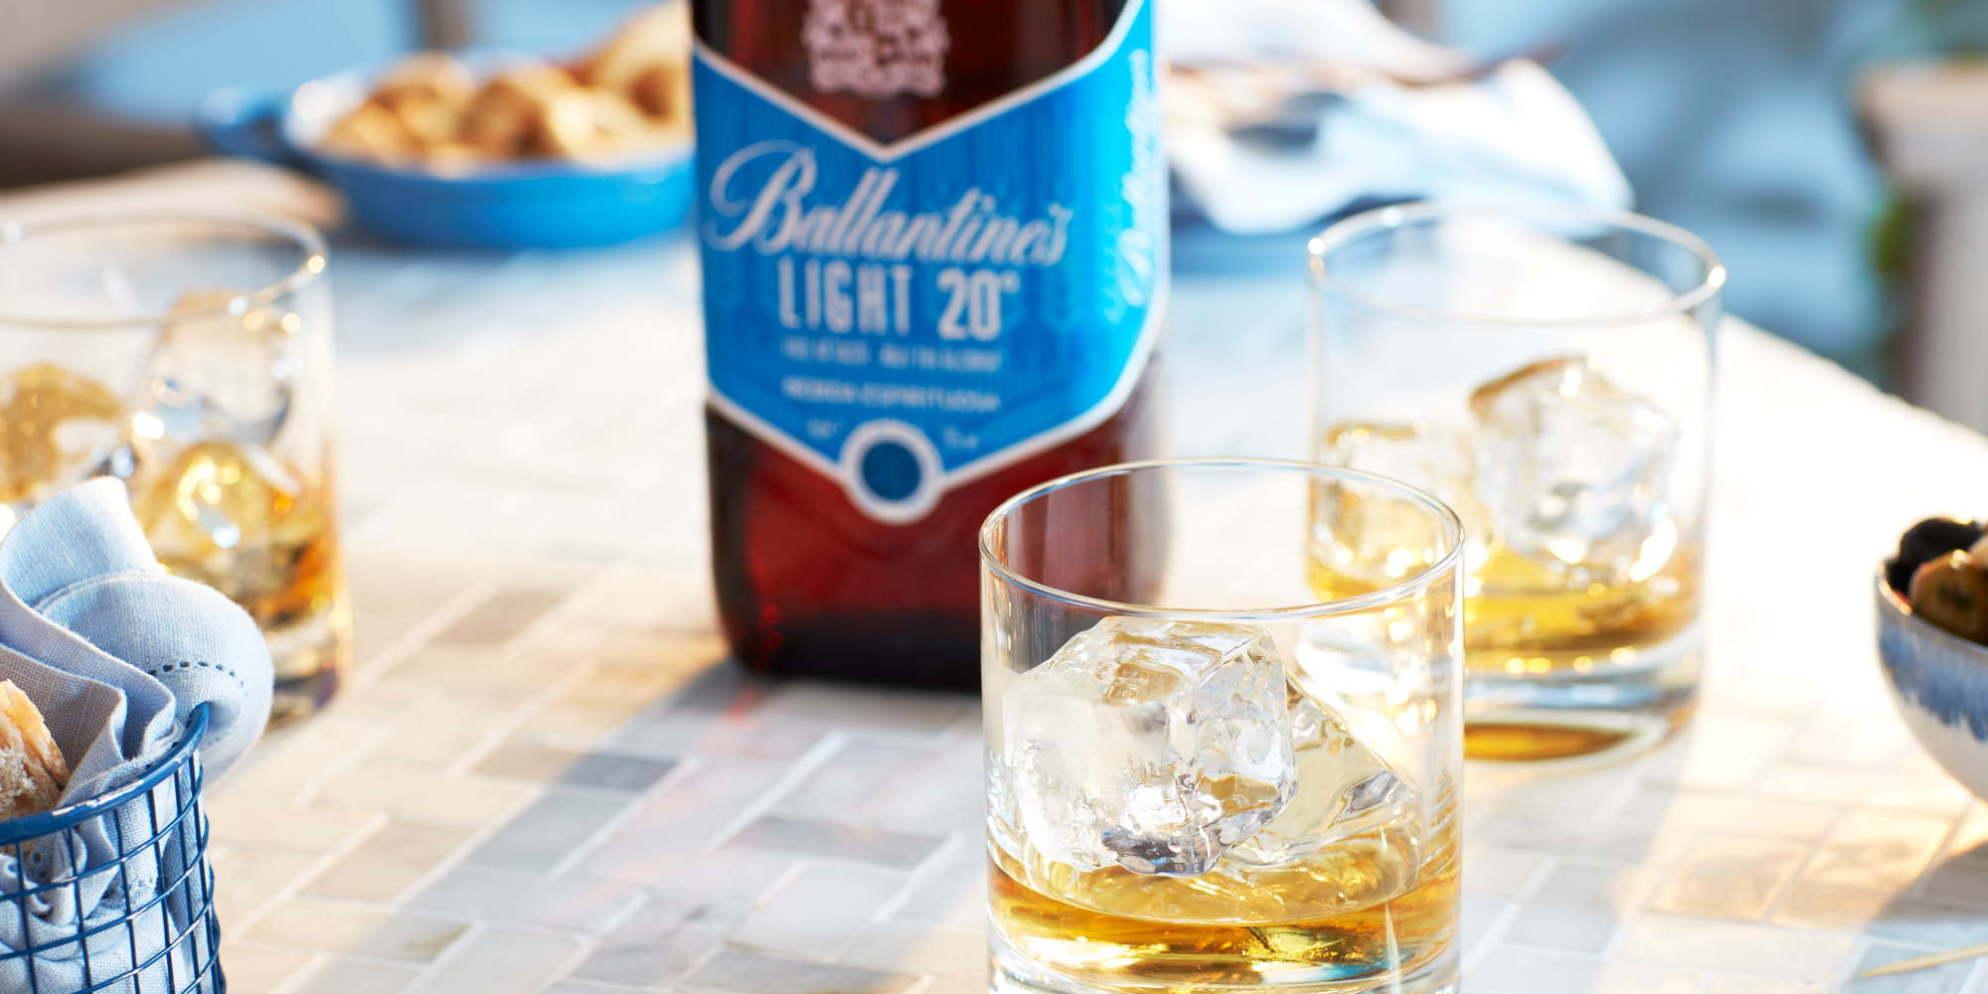 Ballantines_Light_20_Todo el sabor_Mitad de alcohol